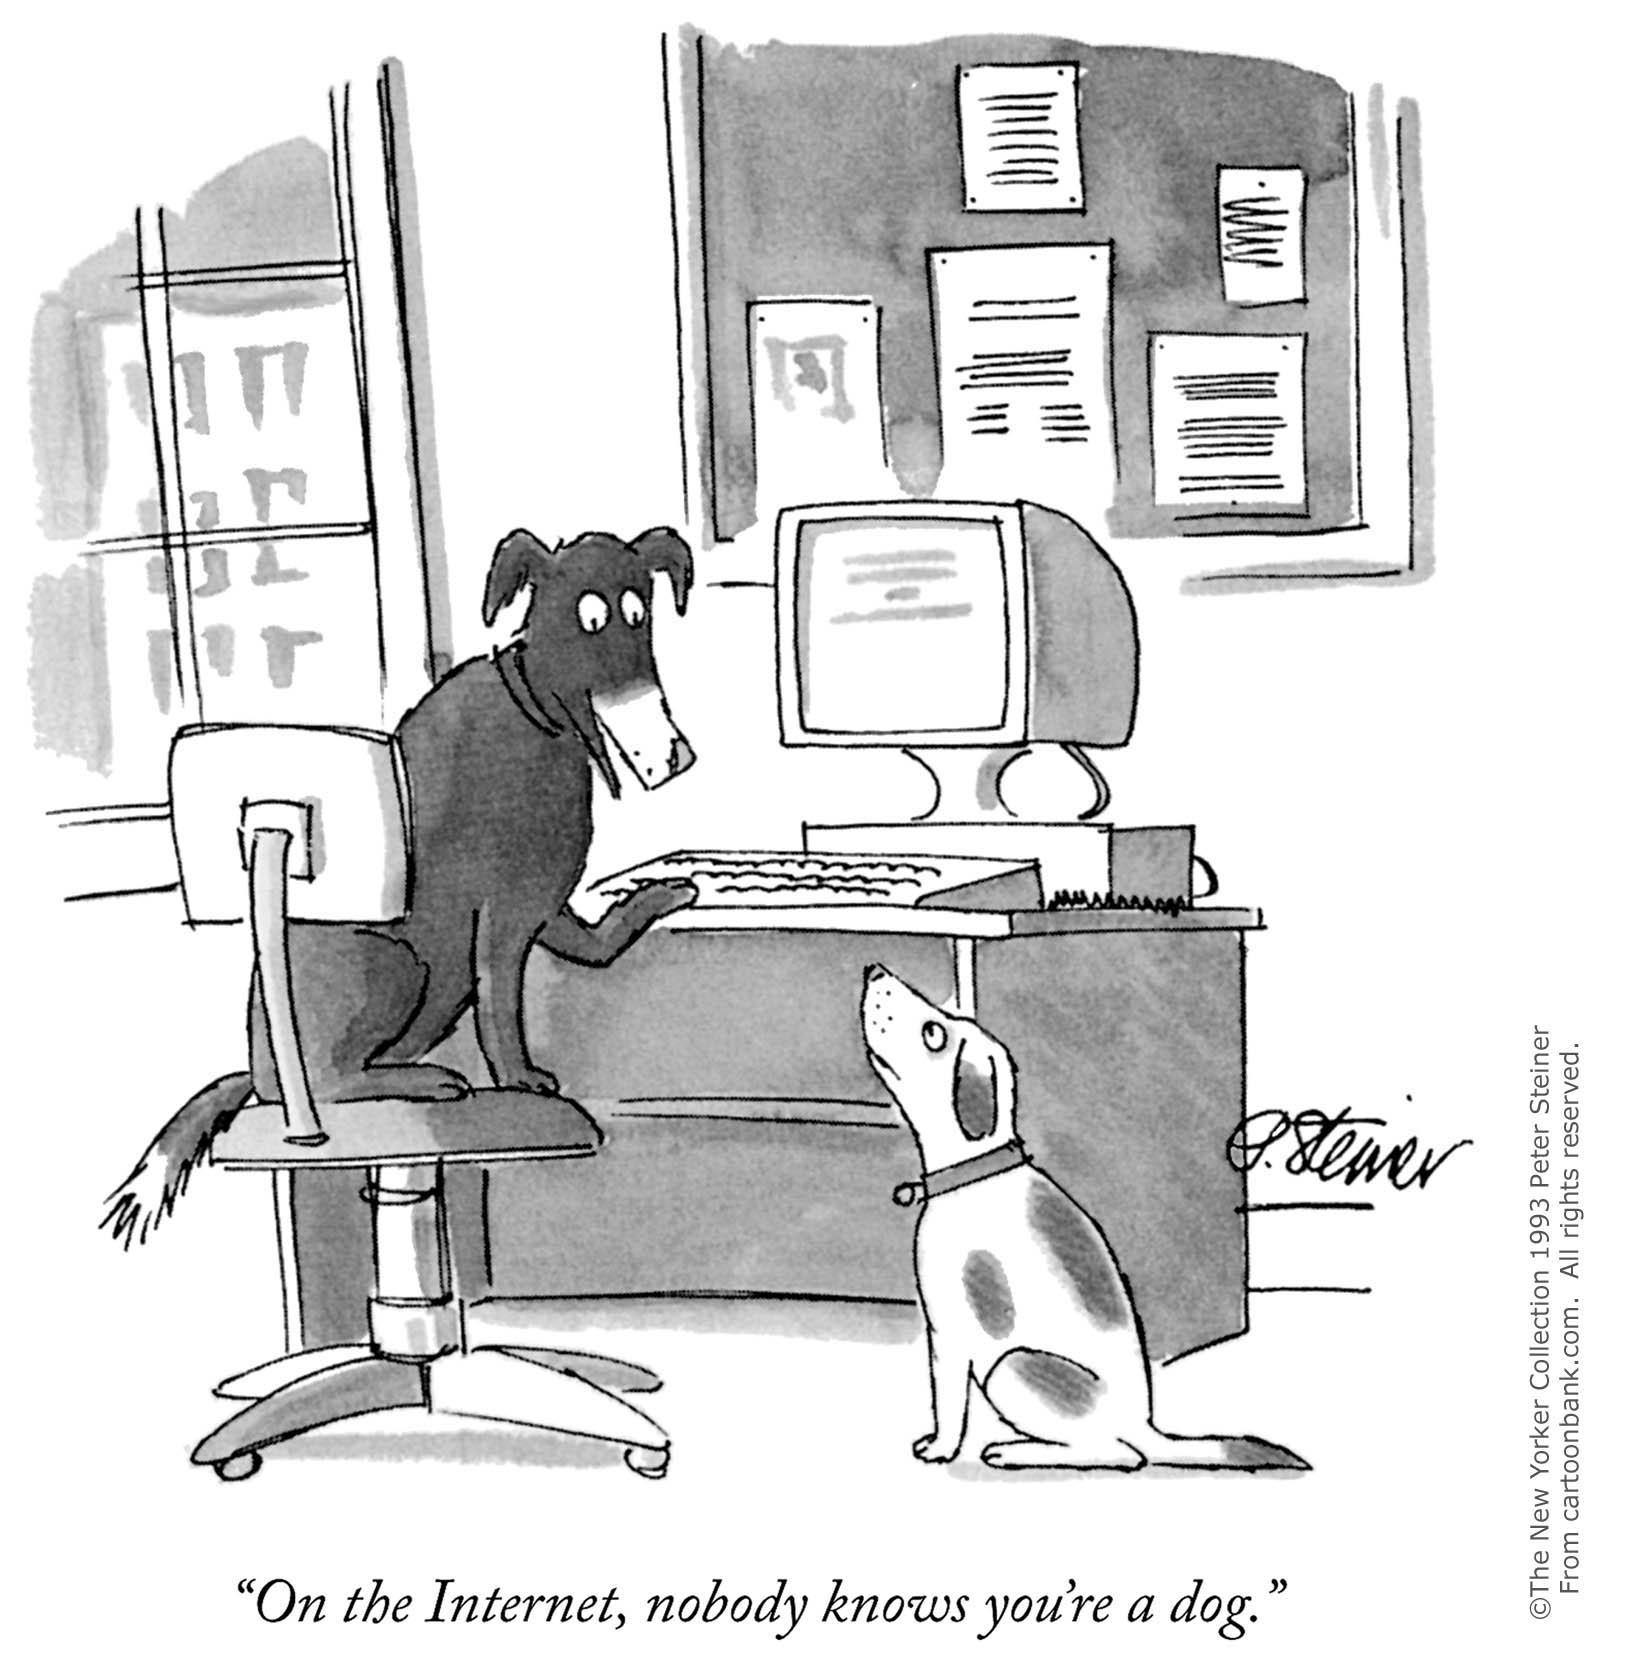 《纽约客》的这幅漫画成为早期互联网最逼真的写照